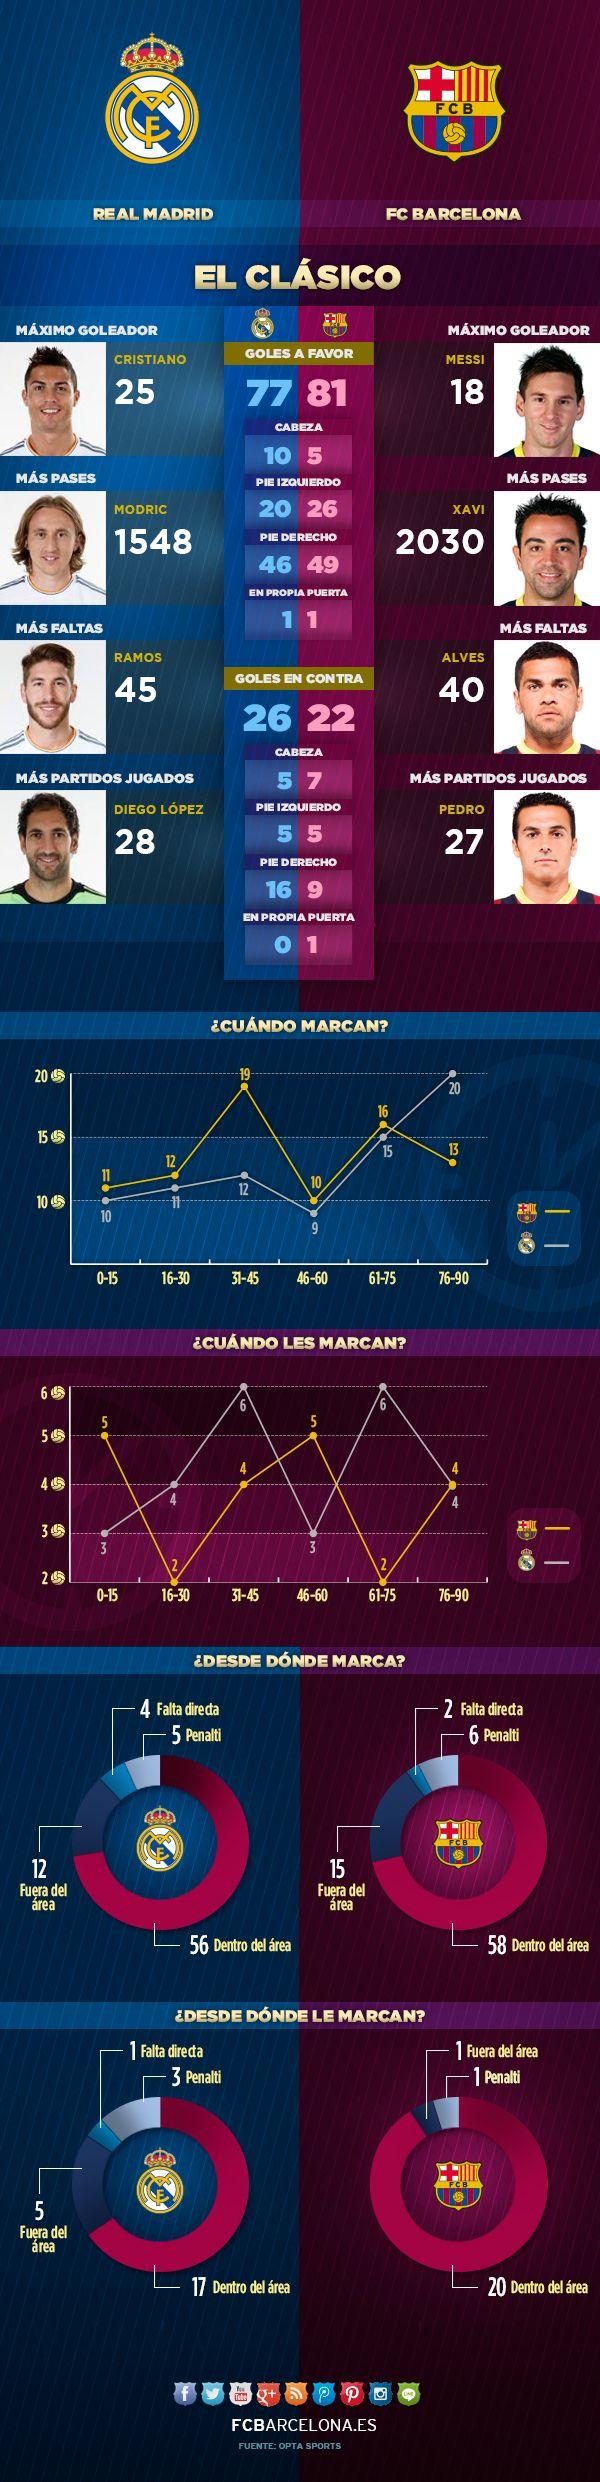 El infográfico del Clásico #FCBarcelona #ClassicFCB